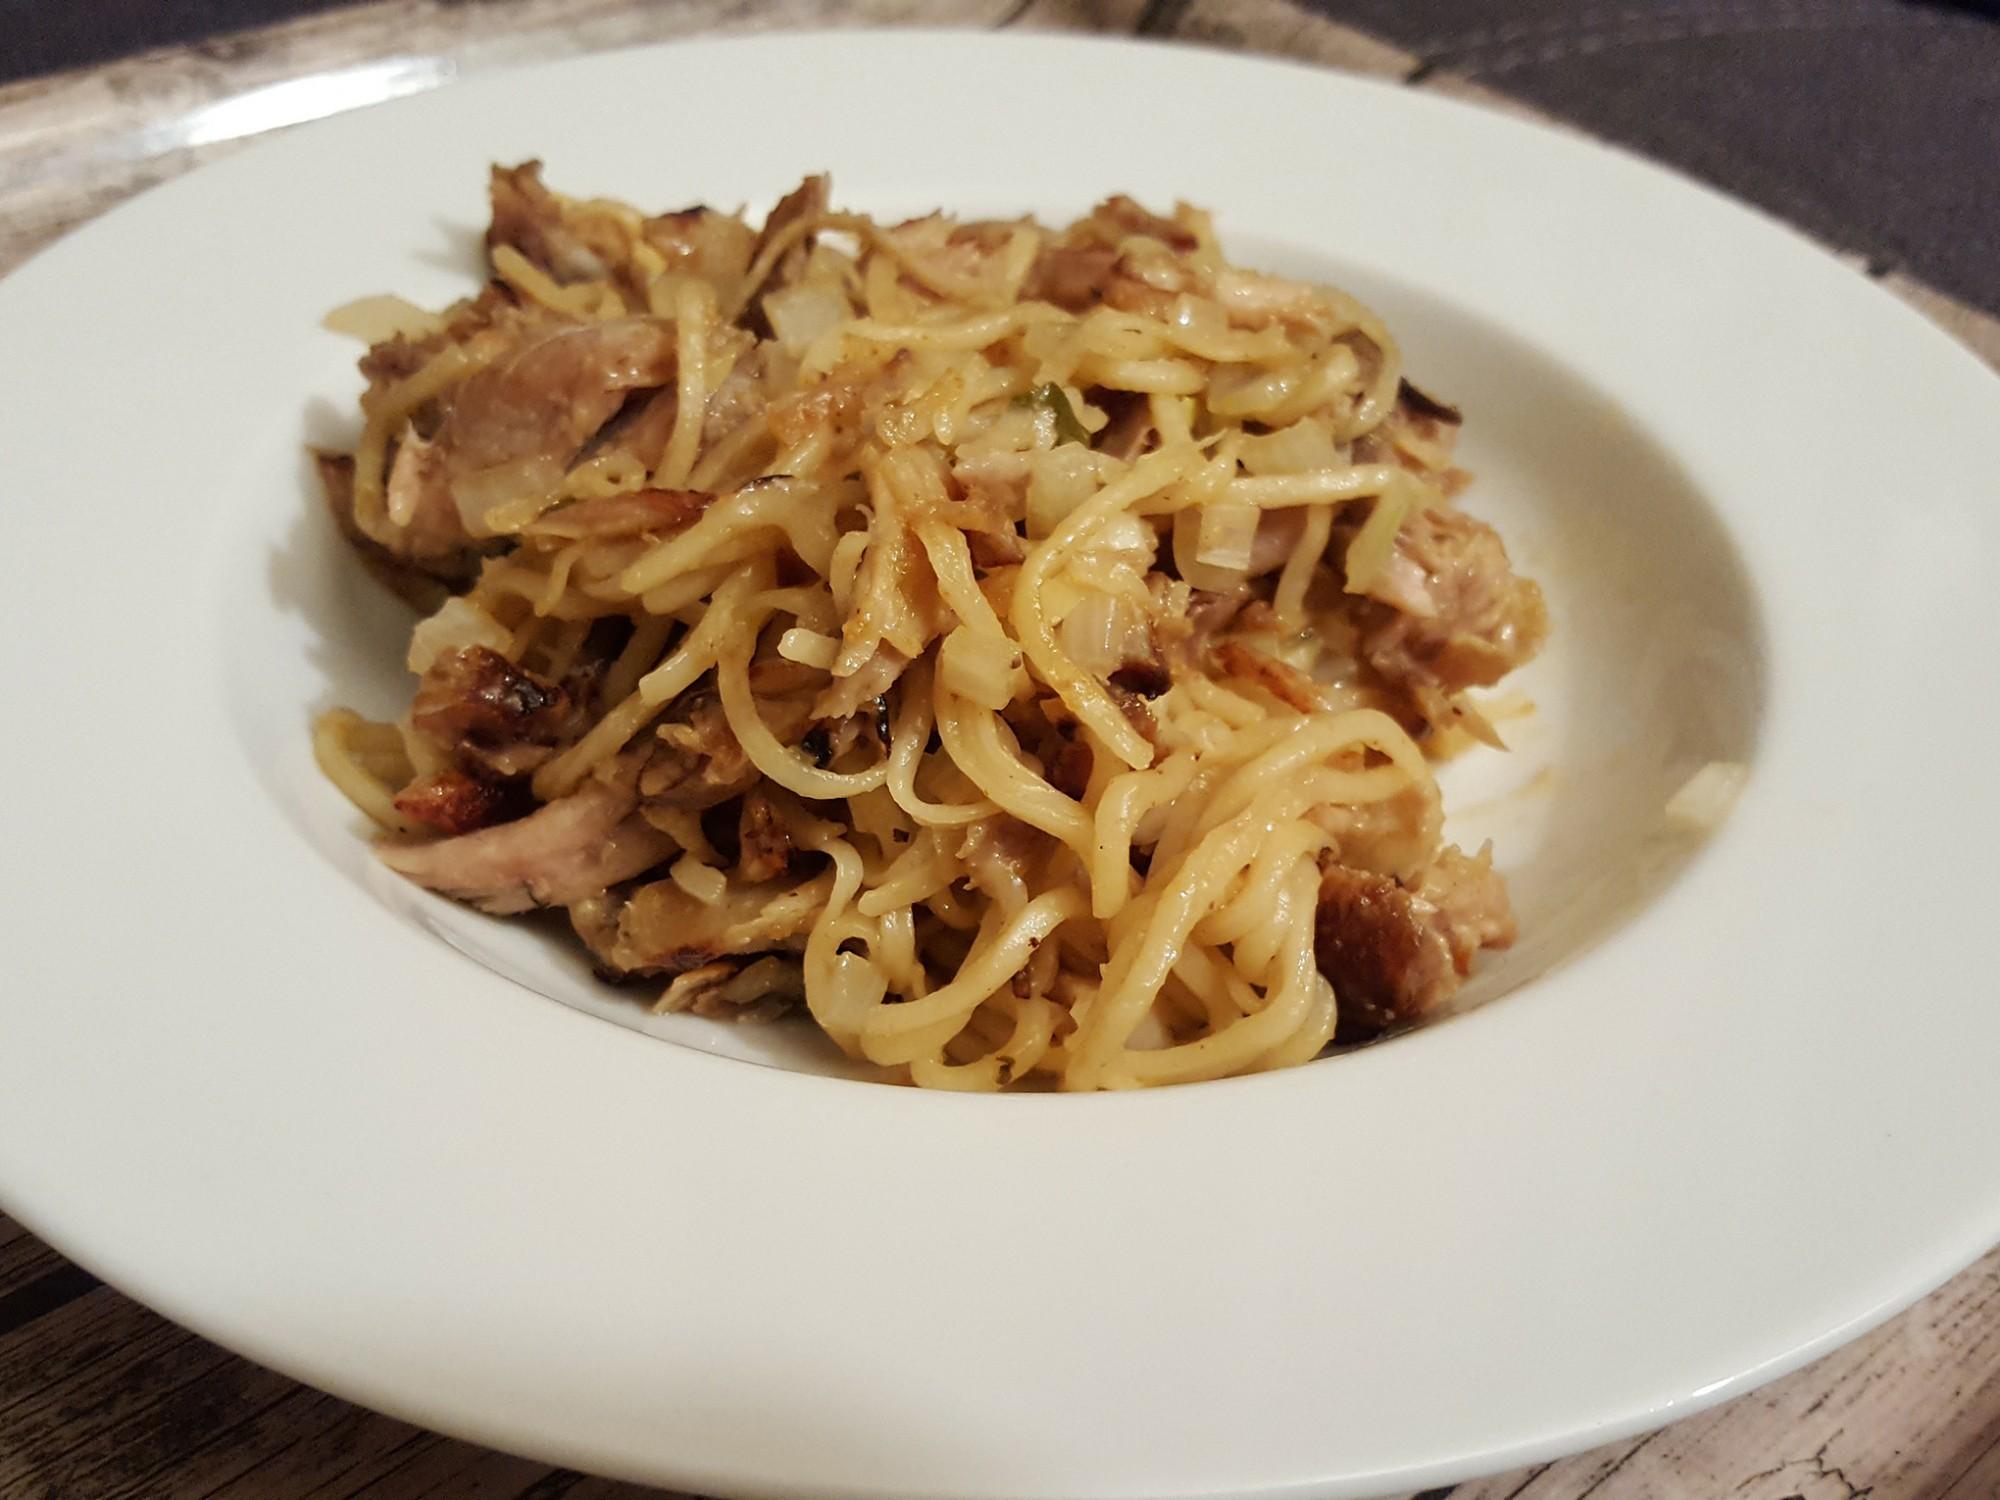 Leftover Noodles